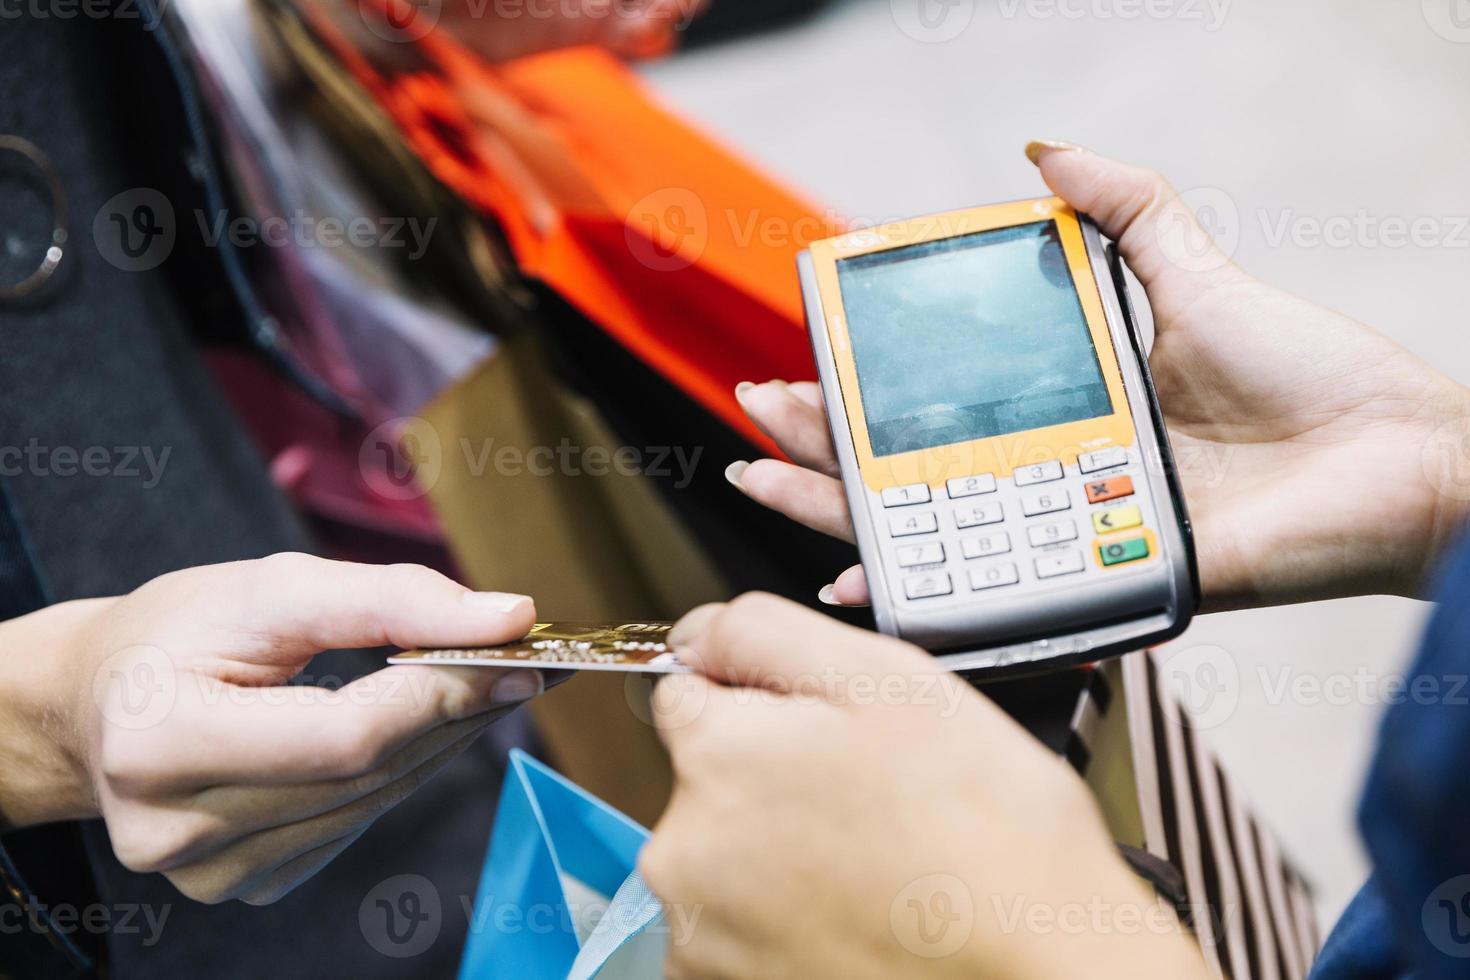 assistente de cliente com máquina de pagamento foto